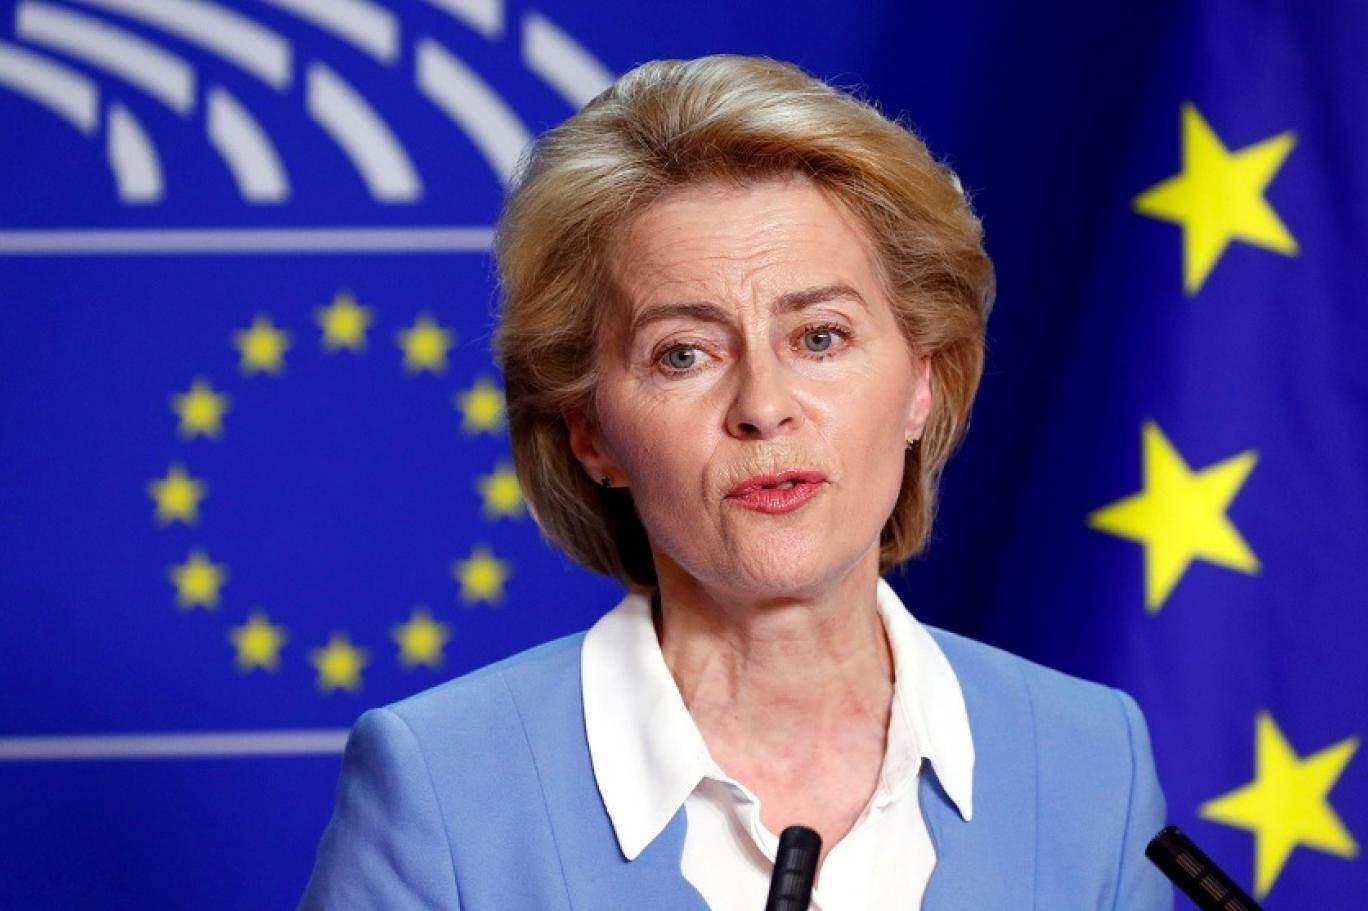 """الاتحاد الأوروبي يحثّ أميركا على إعادة النظر في قطع علاقاتها مع """"الصحة العالمية"""""""